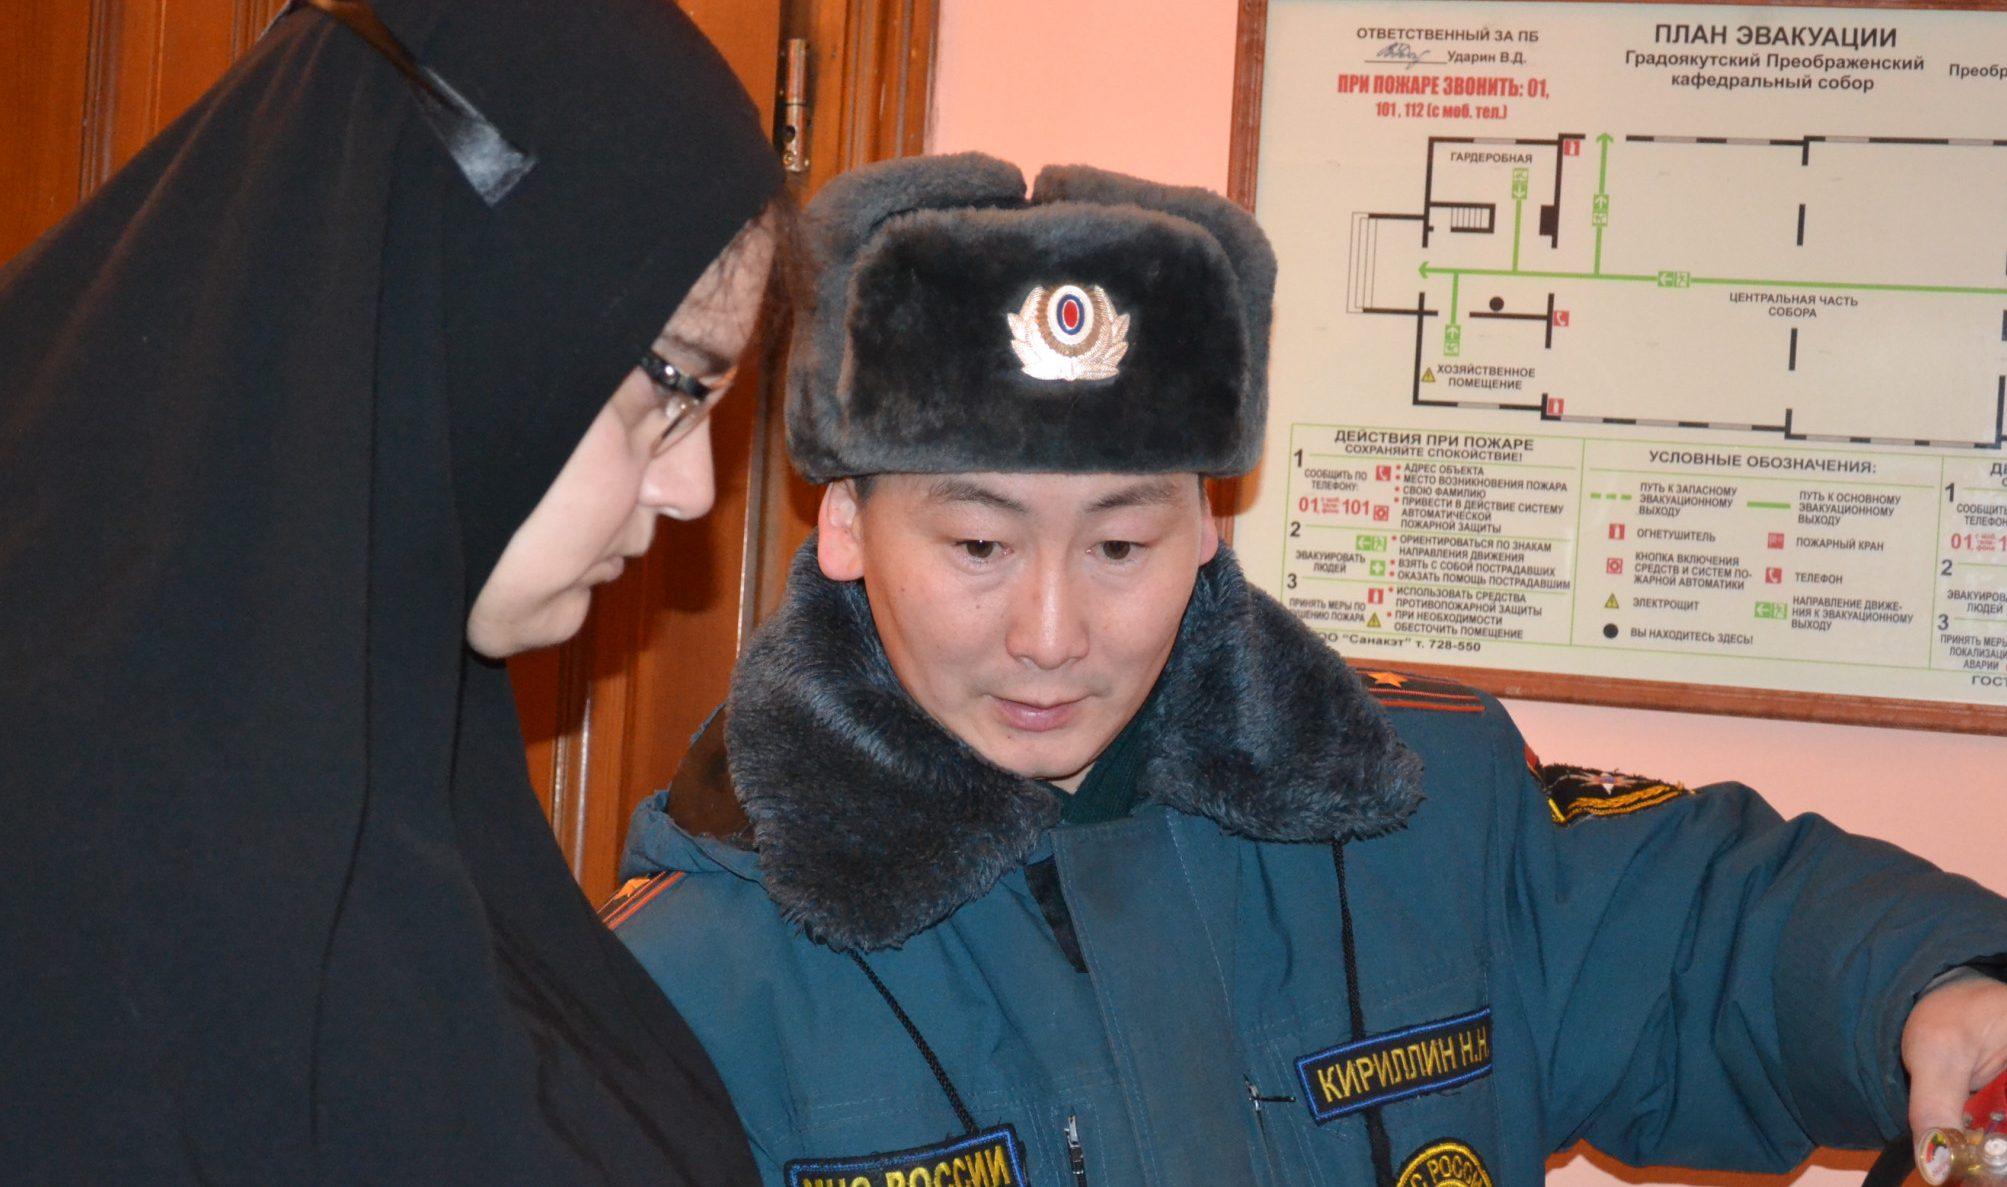 Вканун Рождества наСреднем Урале проверят безопасность вхрамах ицерквях